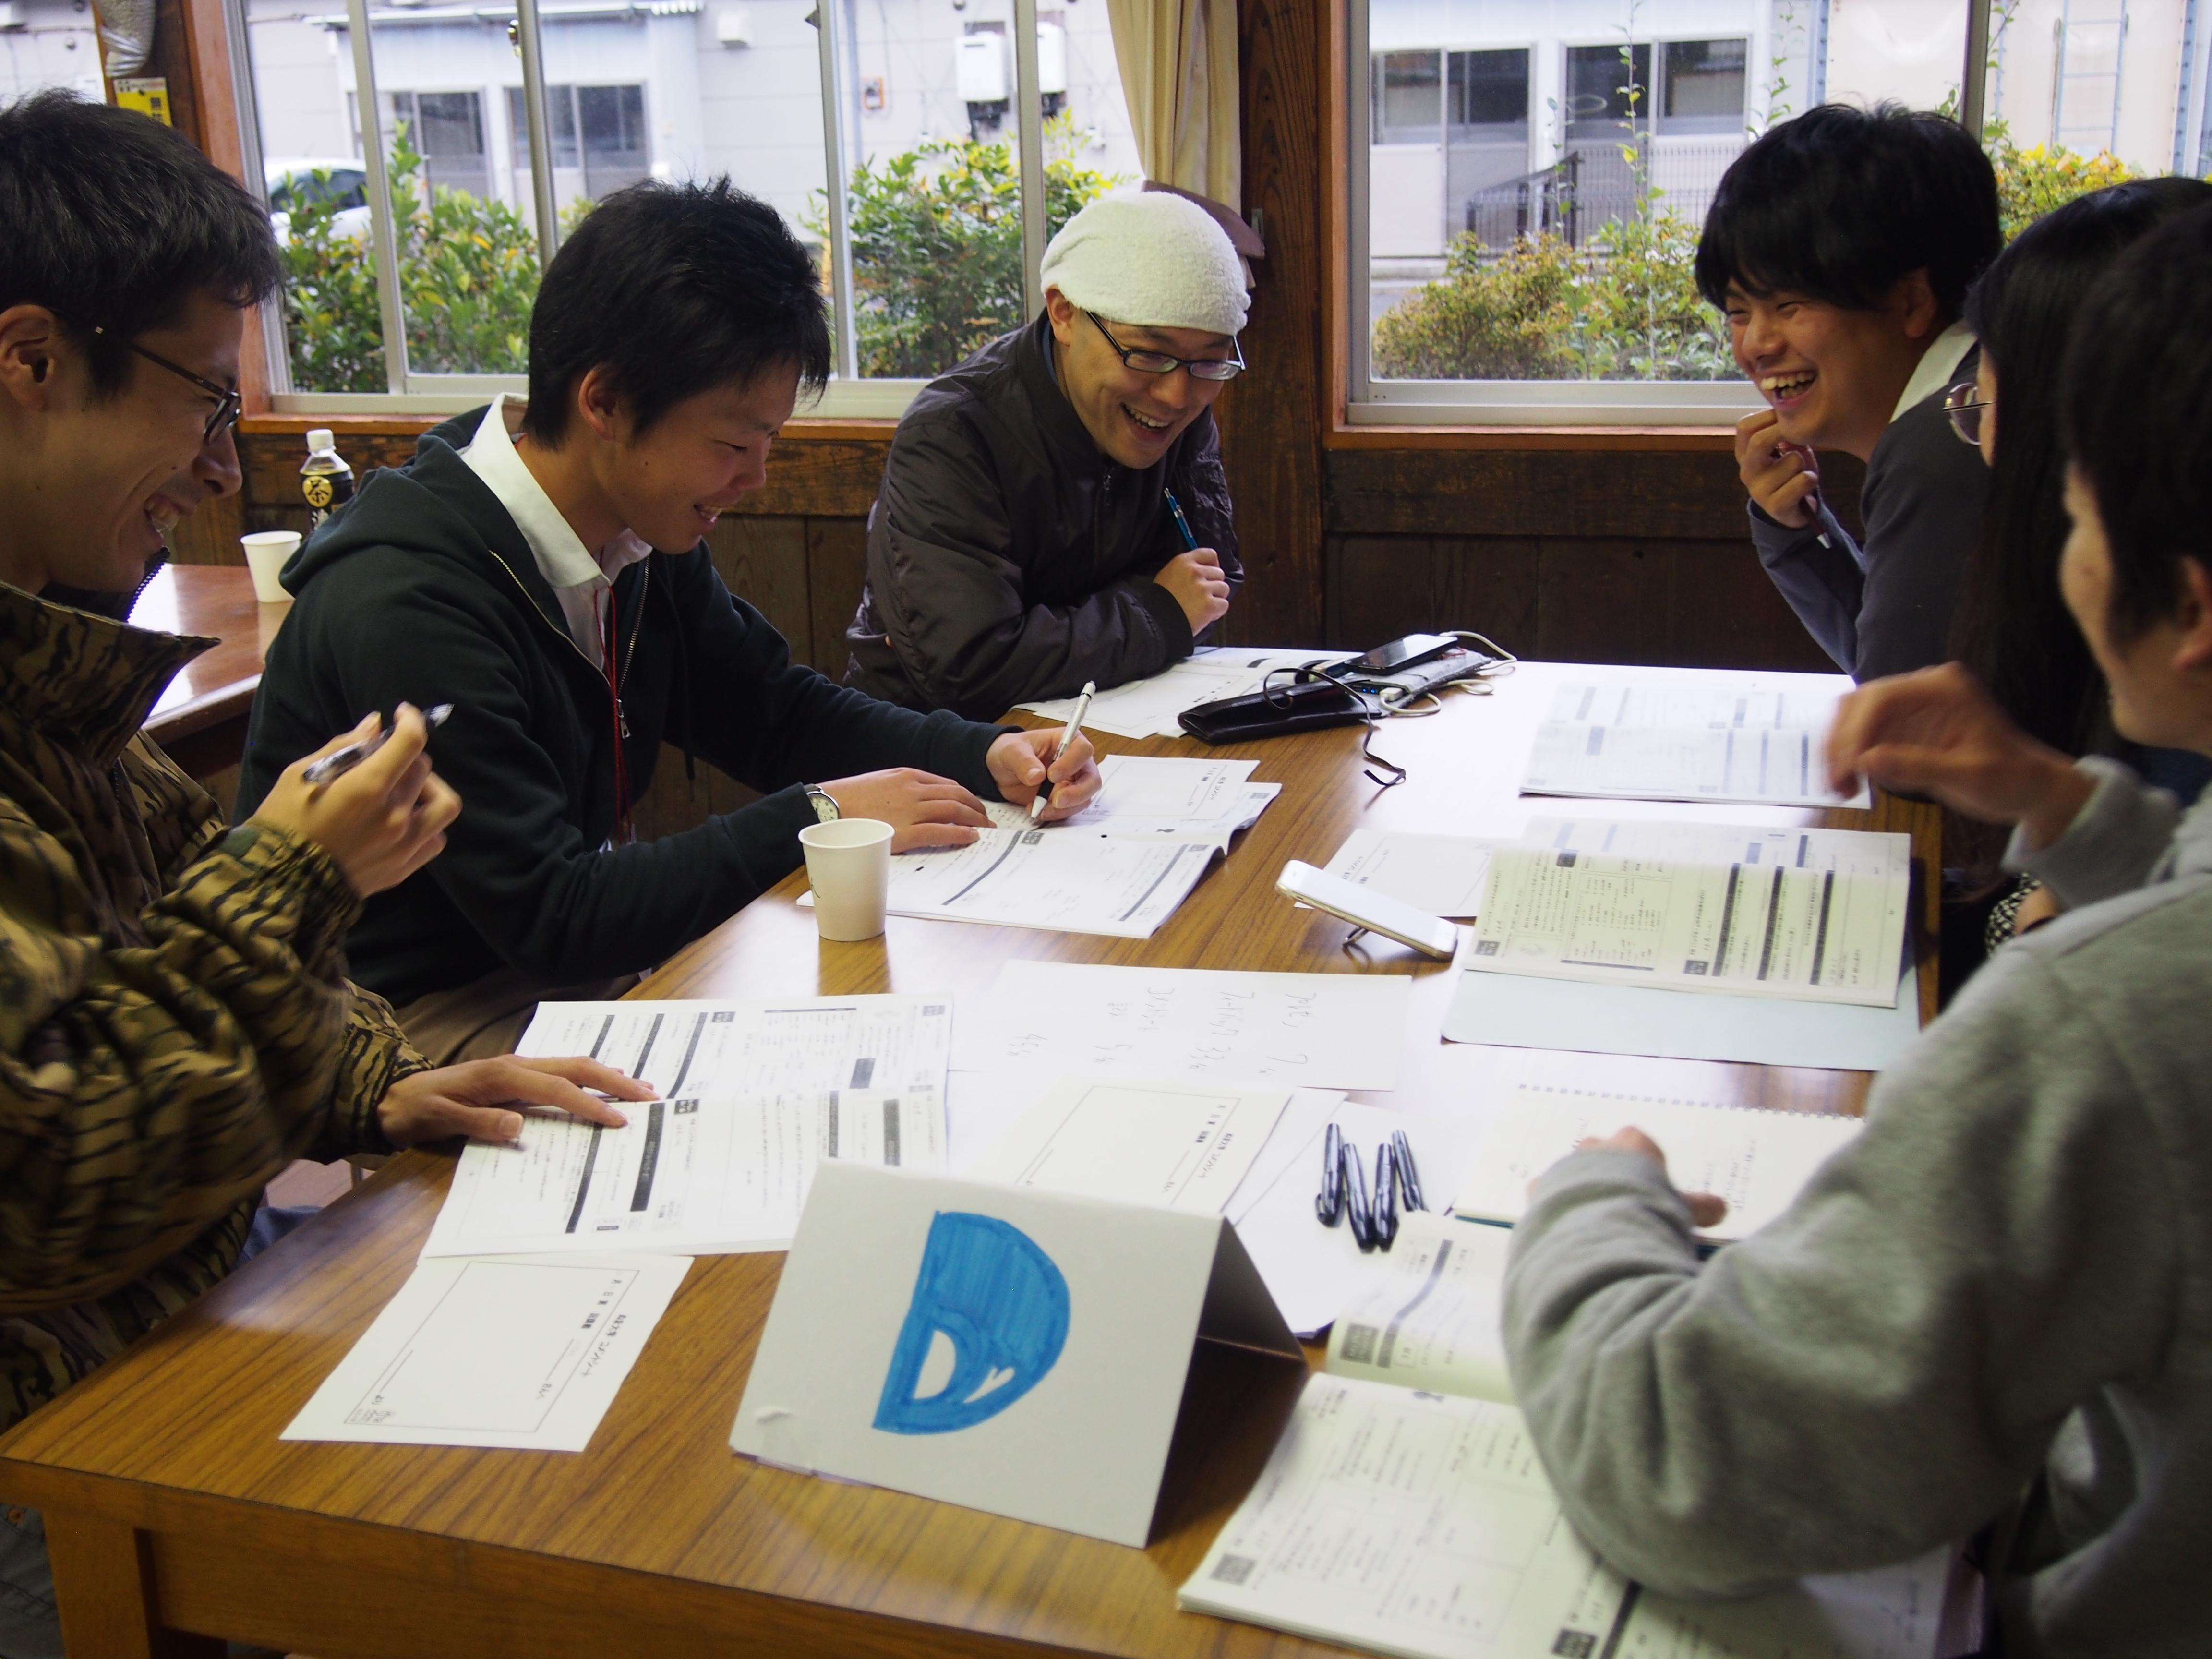 ぬま大学第3期 vol.5